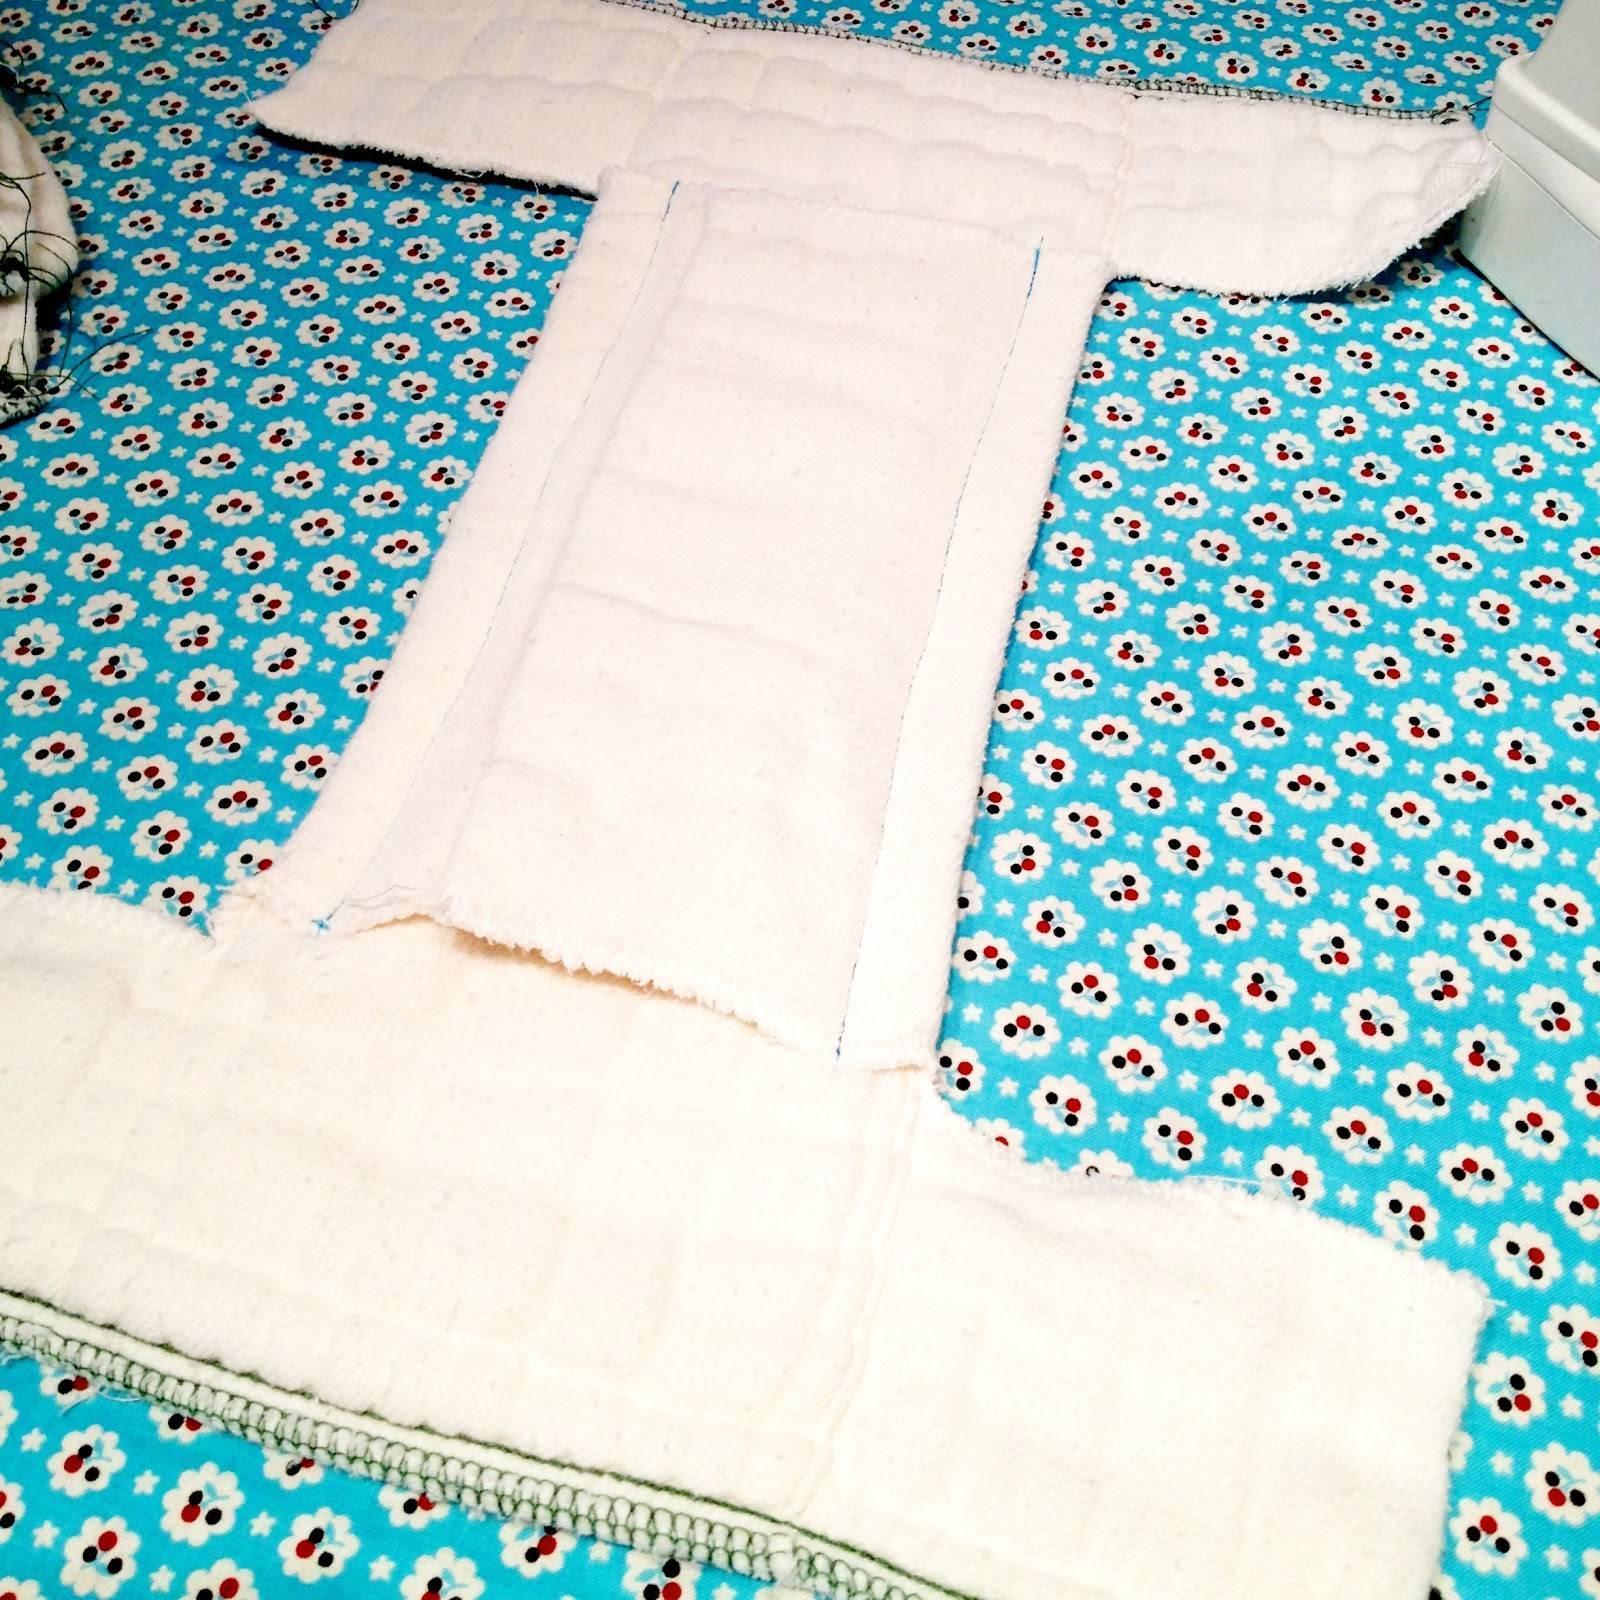 Марлевые подгузники для новорожденных – можно ли? как сделать и из чего сшить марлевые подгузники для новорожденных